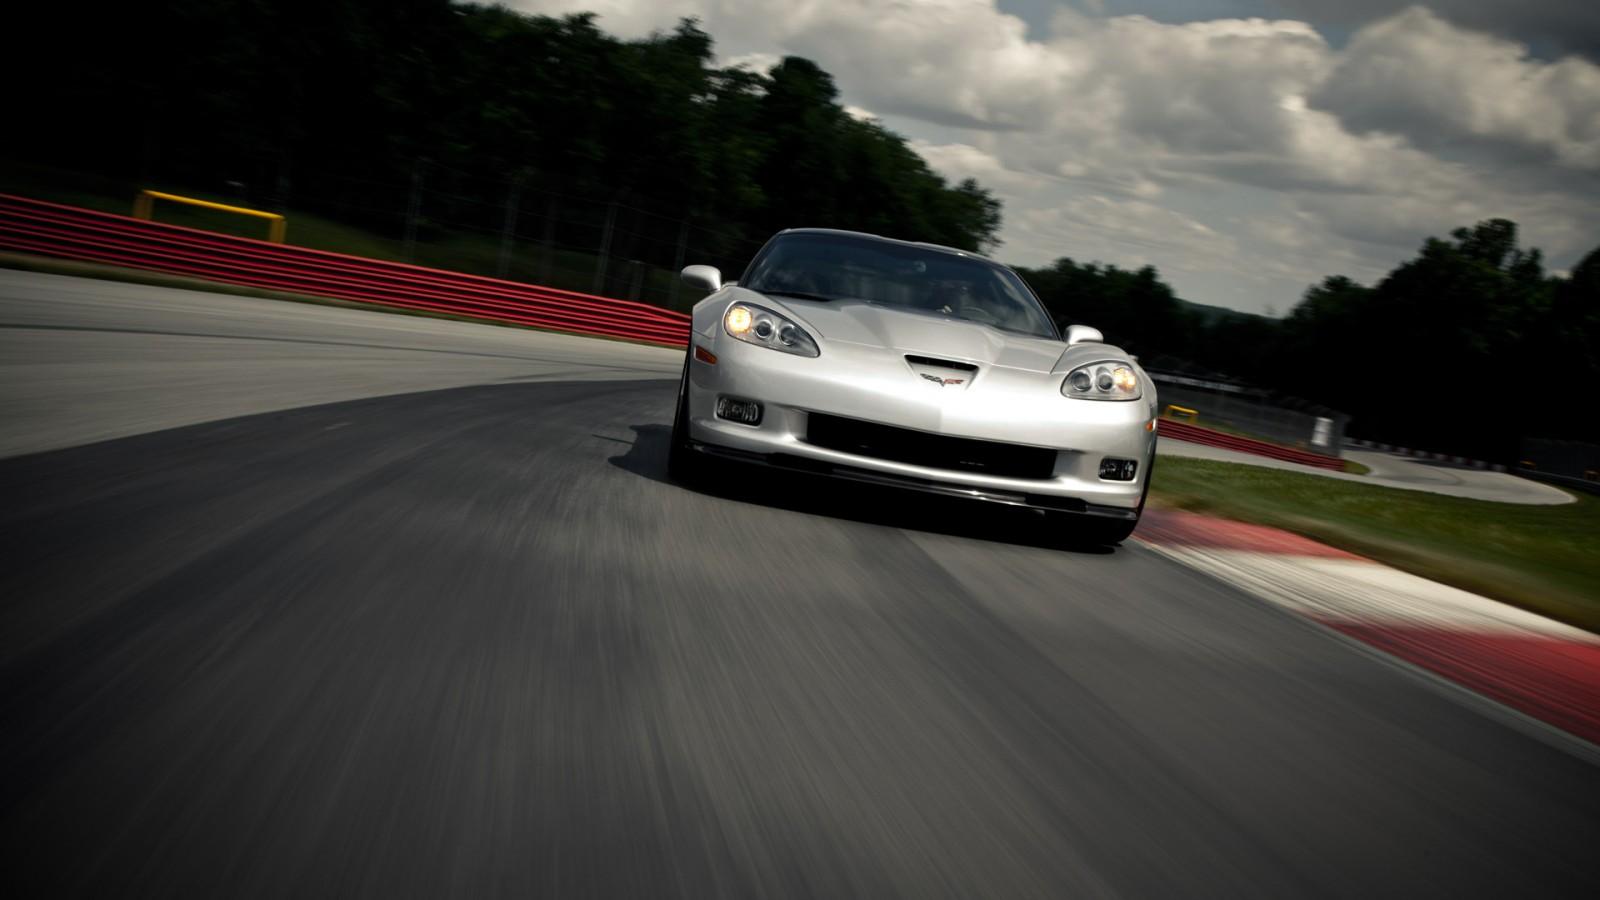 http://4.bp.blogspot.com/-Fst10v2TOq8/UJXFsi-QLxI/AAAAAAAAHFM/H76z_jrYdeA/s1600/chevrolet-corvette-ZR1-2013-ssports-car-exterior-front-view-silver-.jpg